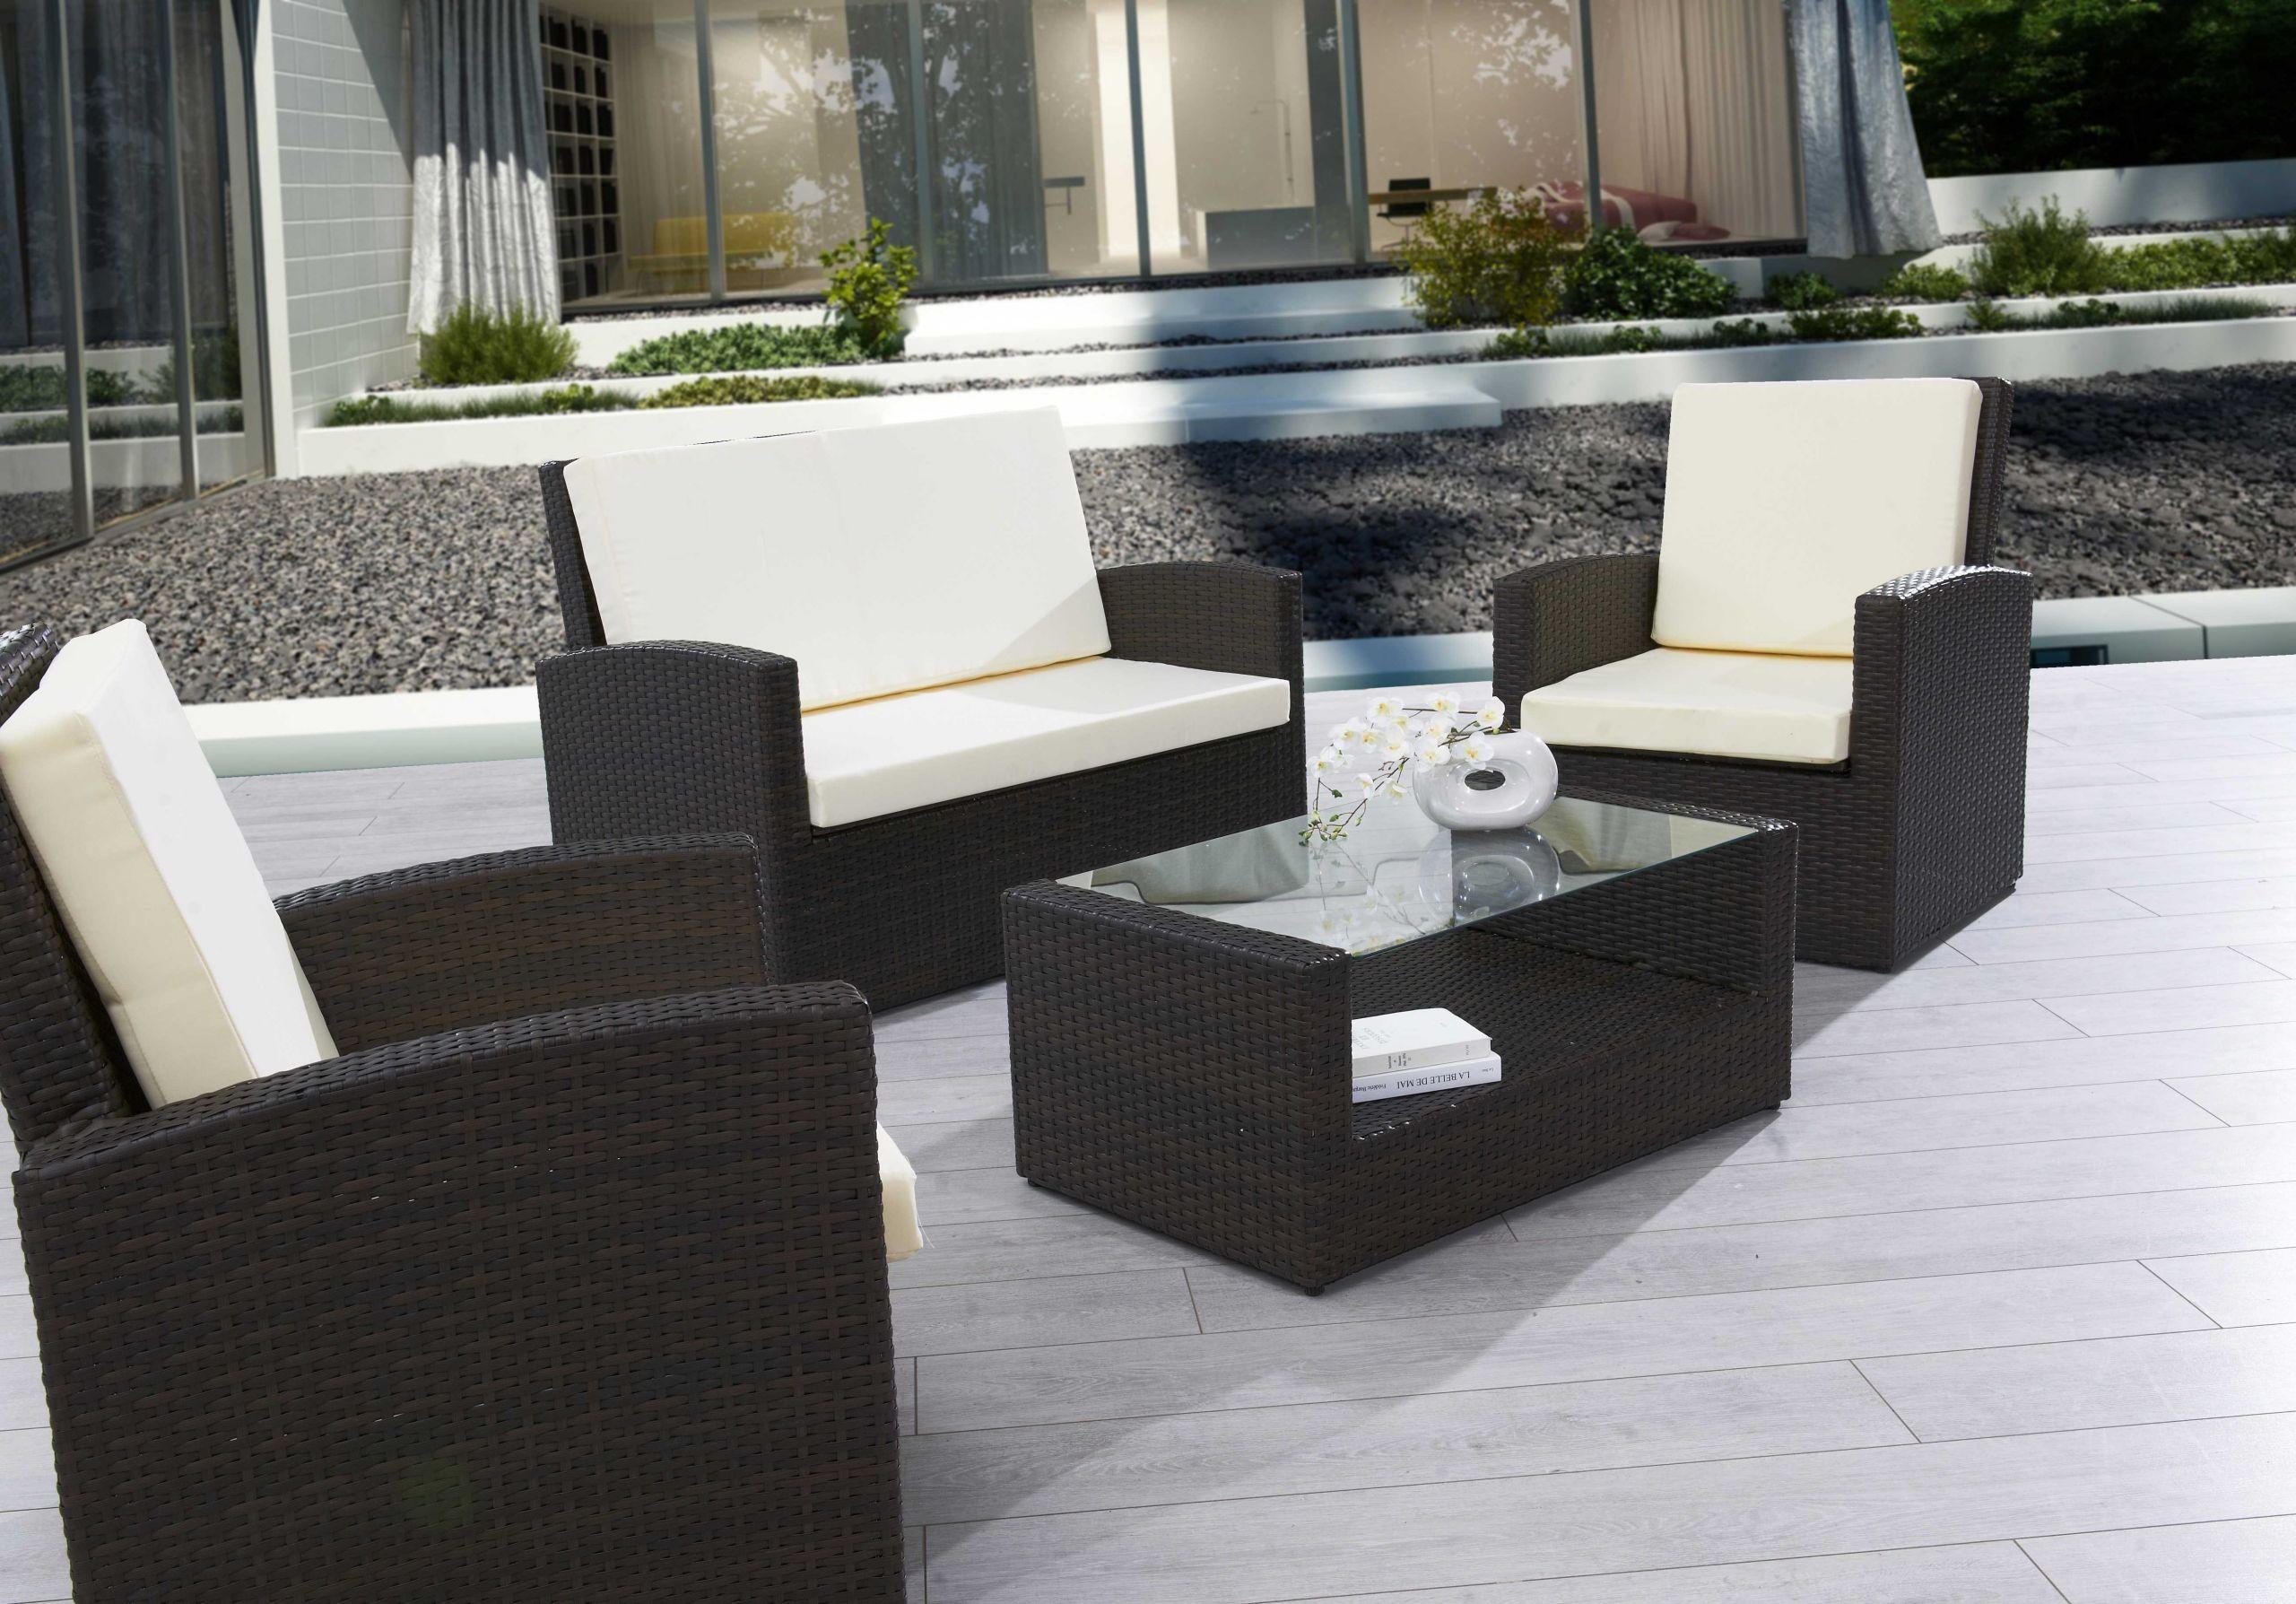 Table Jardin Encastrable Frais Table Et Chaise Pour Terrasse Pas Cher Of 35 Charmant Table Jardin Encastrable